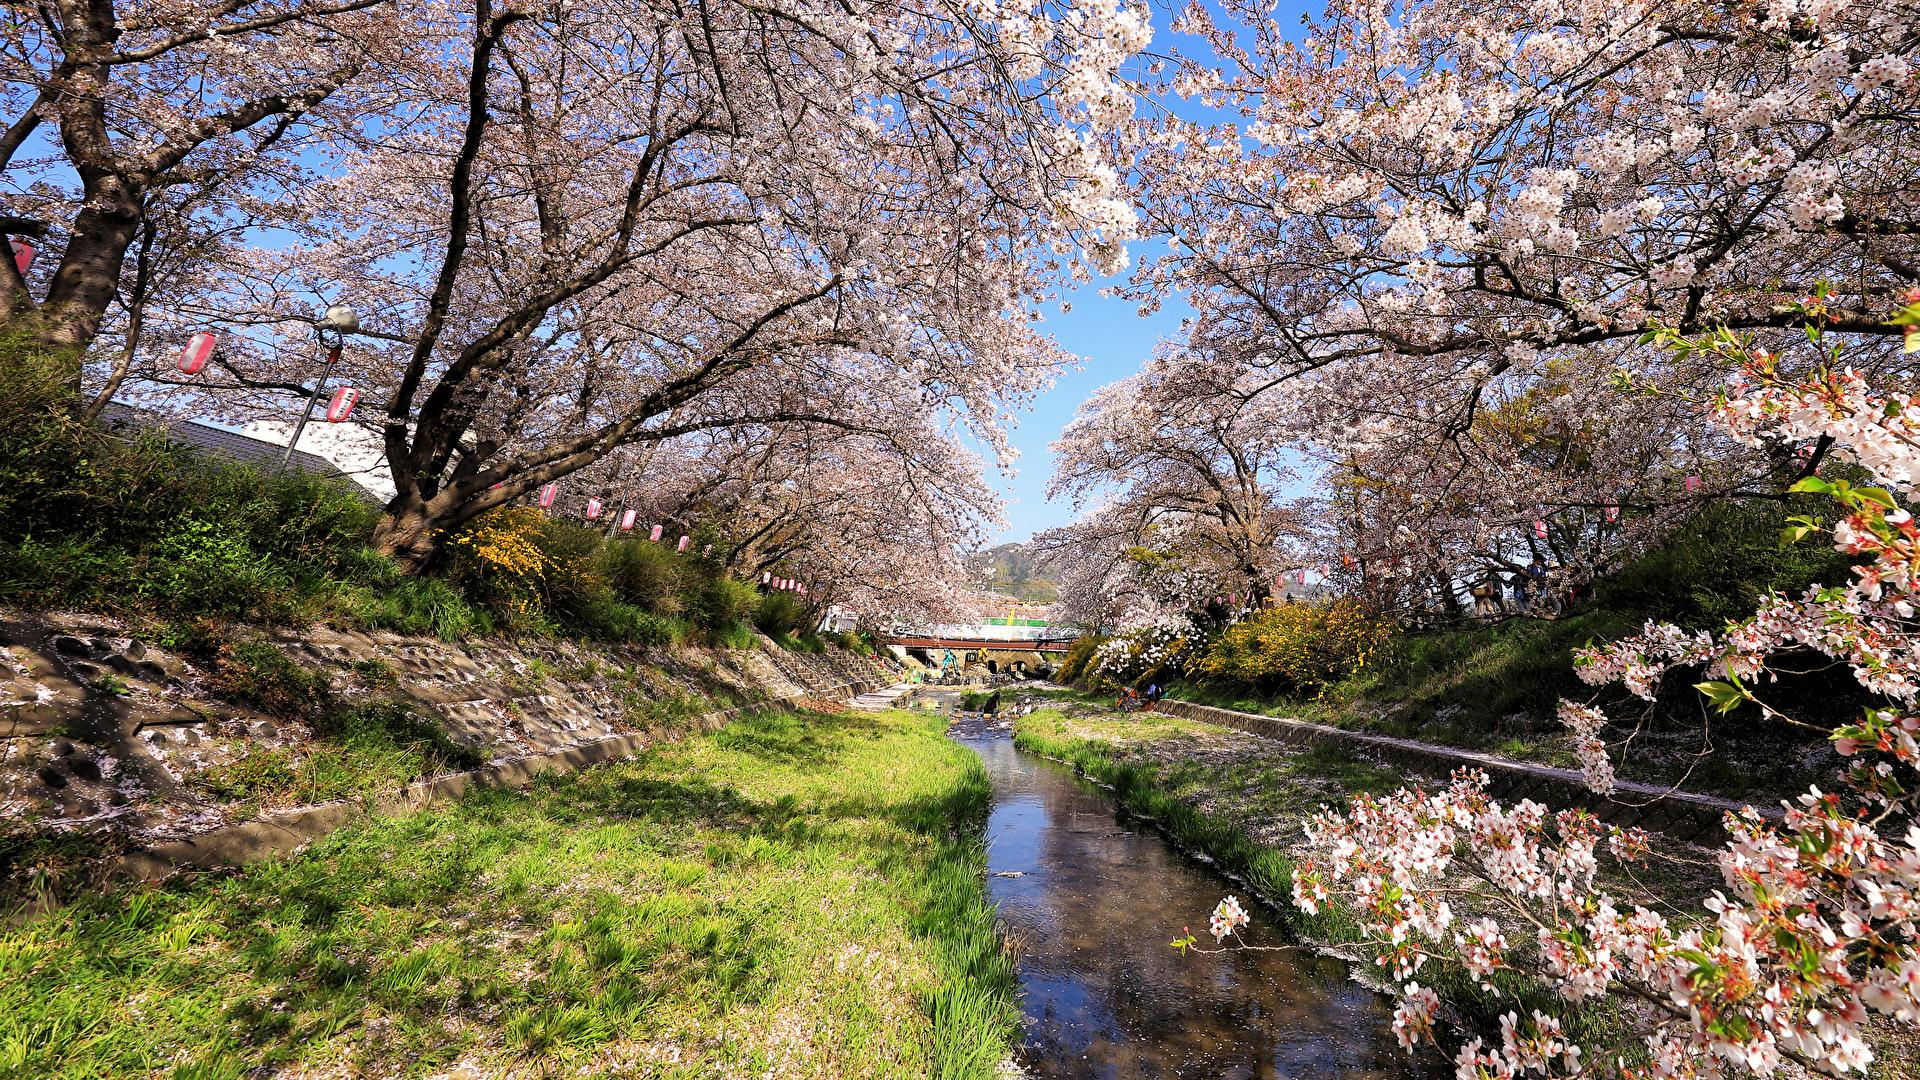 壁紙 19x1080 日本 東京都 春 公園 花の咲く木 自然 ダウンロード 写真